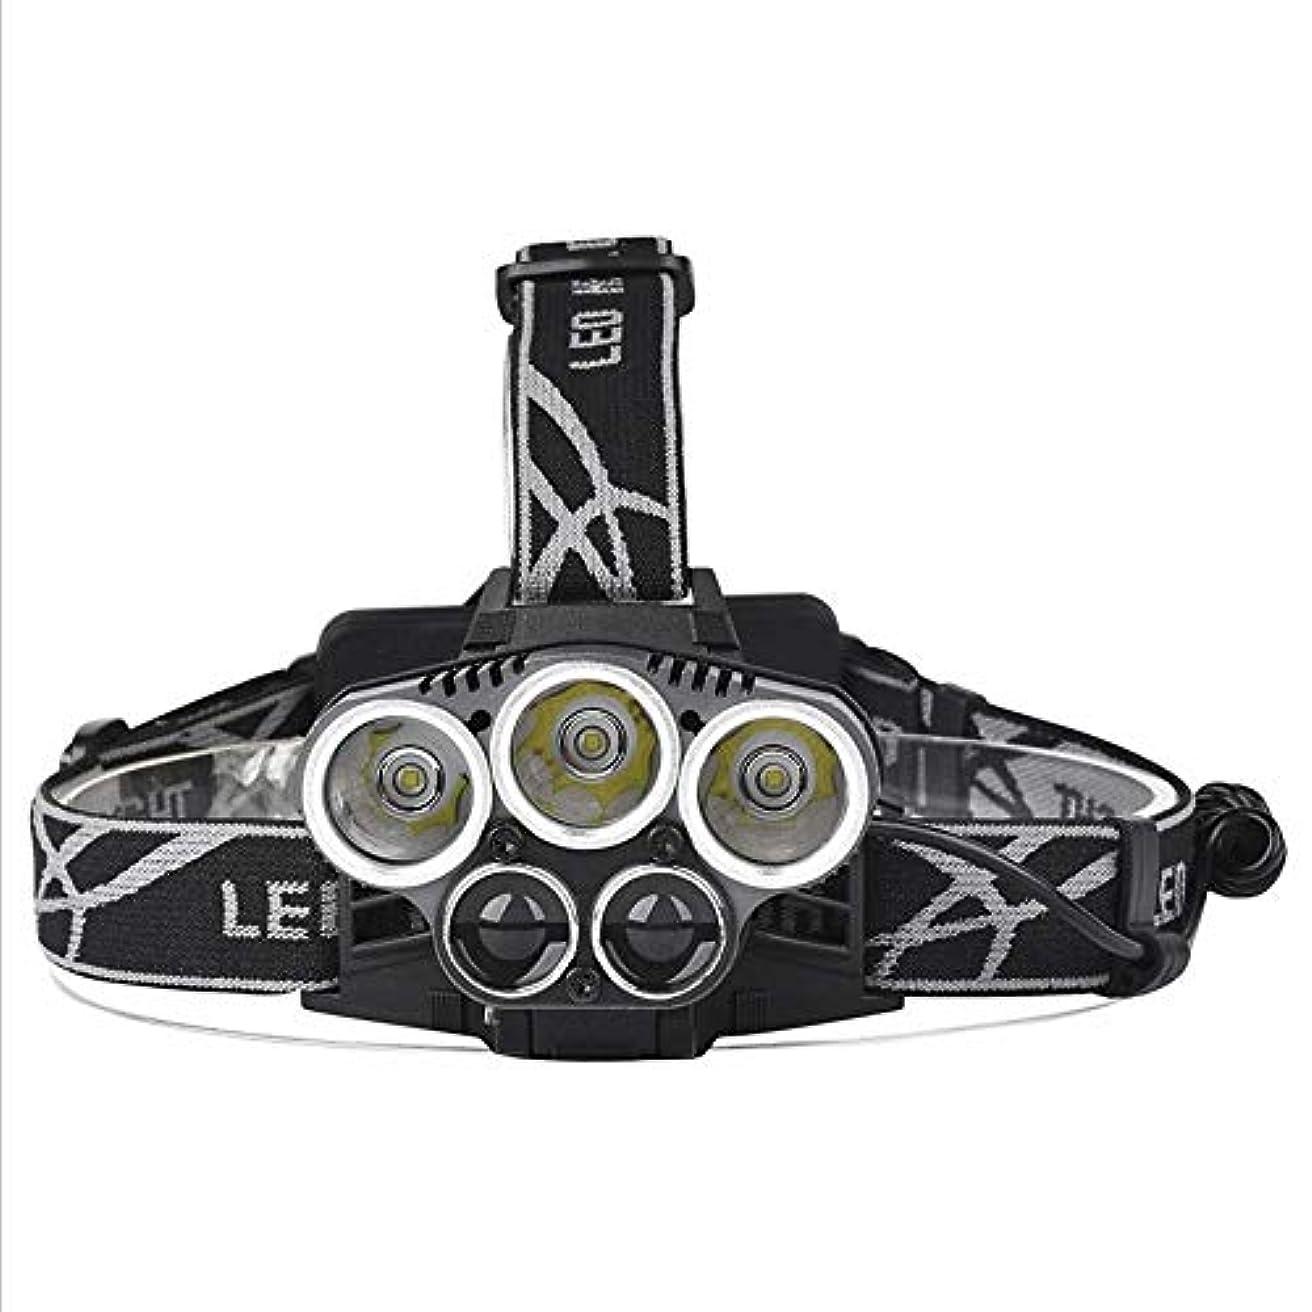 アーチ同一のクモCHENNAO USB充電式LEDヘッドライト、6モード、IPX 6防水、ショルダーストラップ調整可能LEDヘッドライト、ランニング、釣り、キャンプ、ハイキング